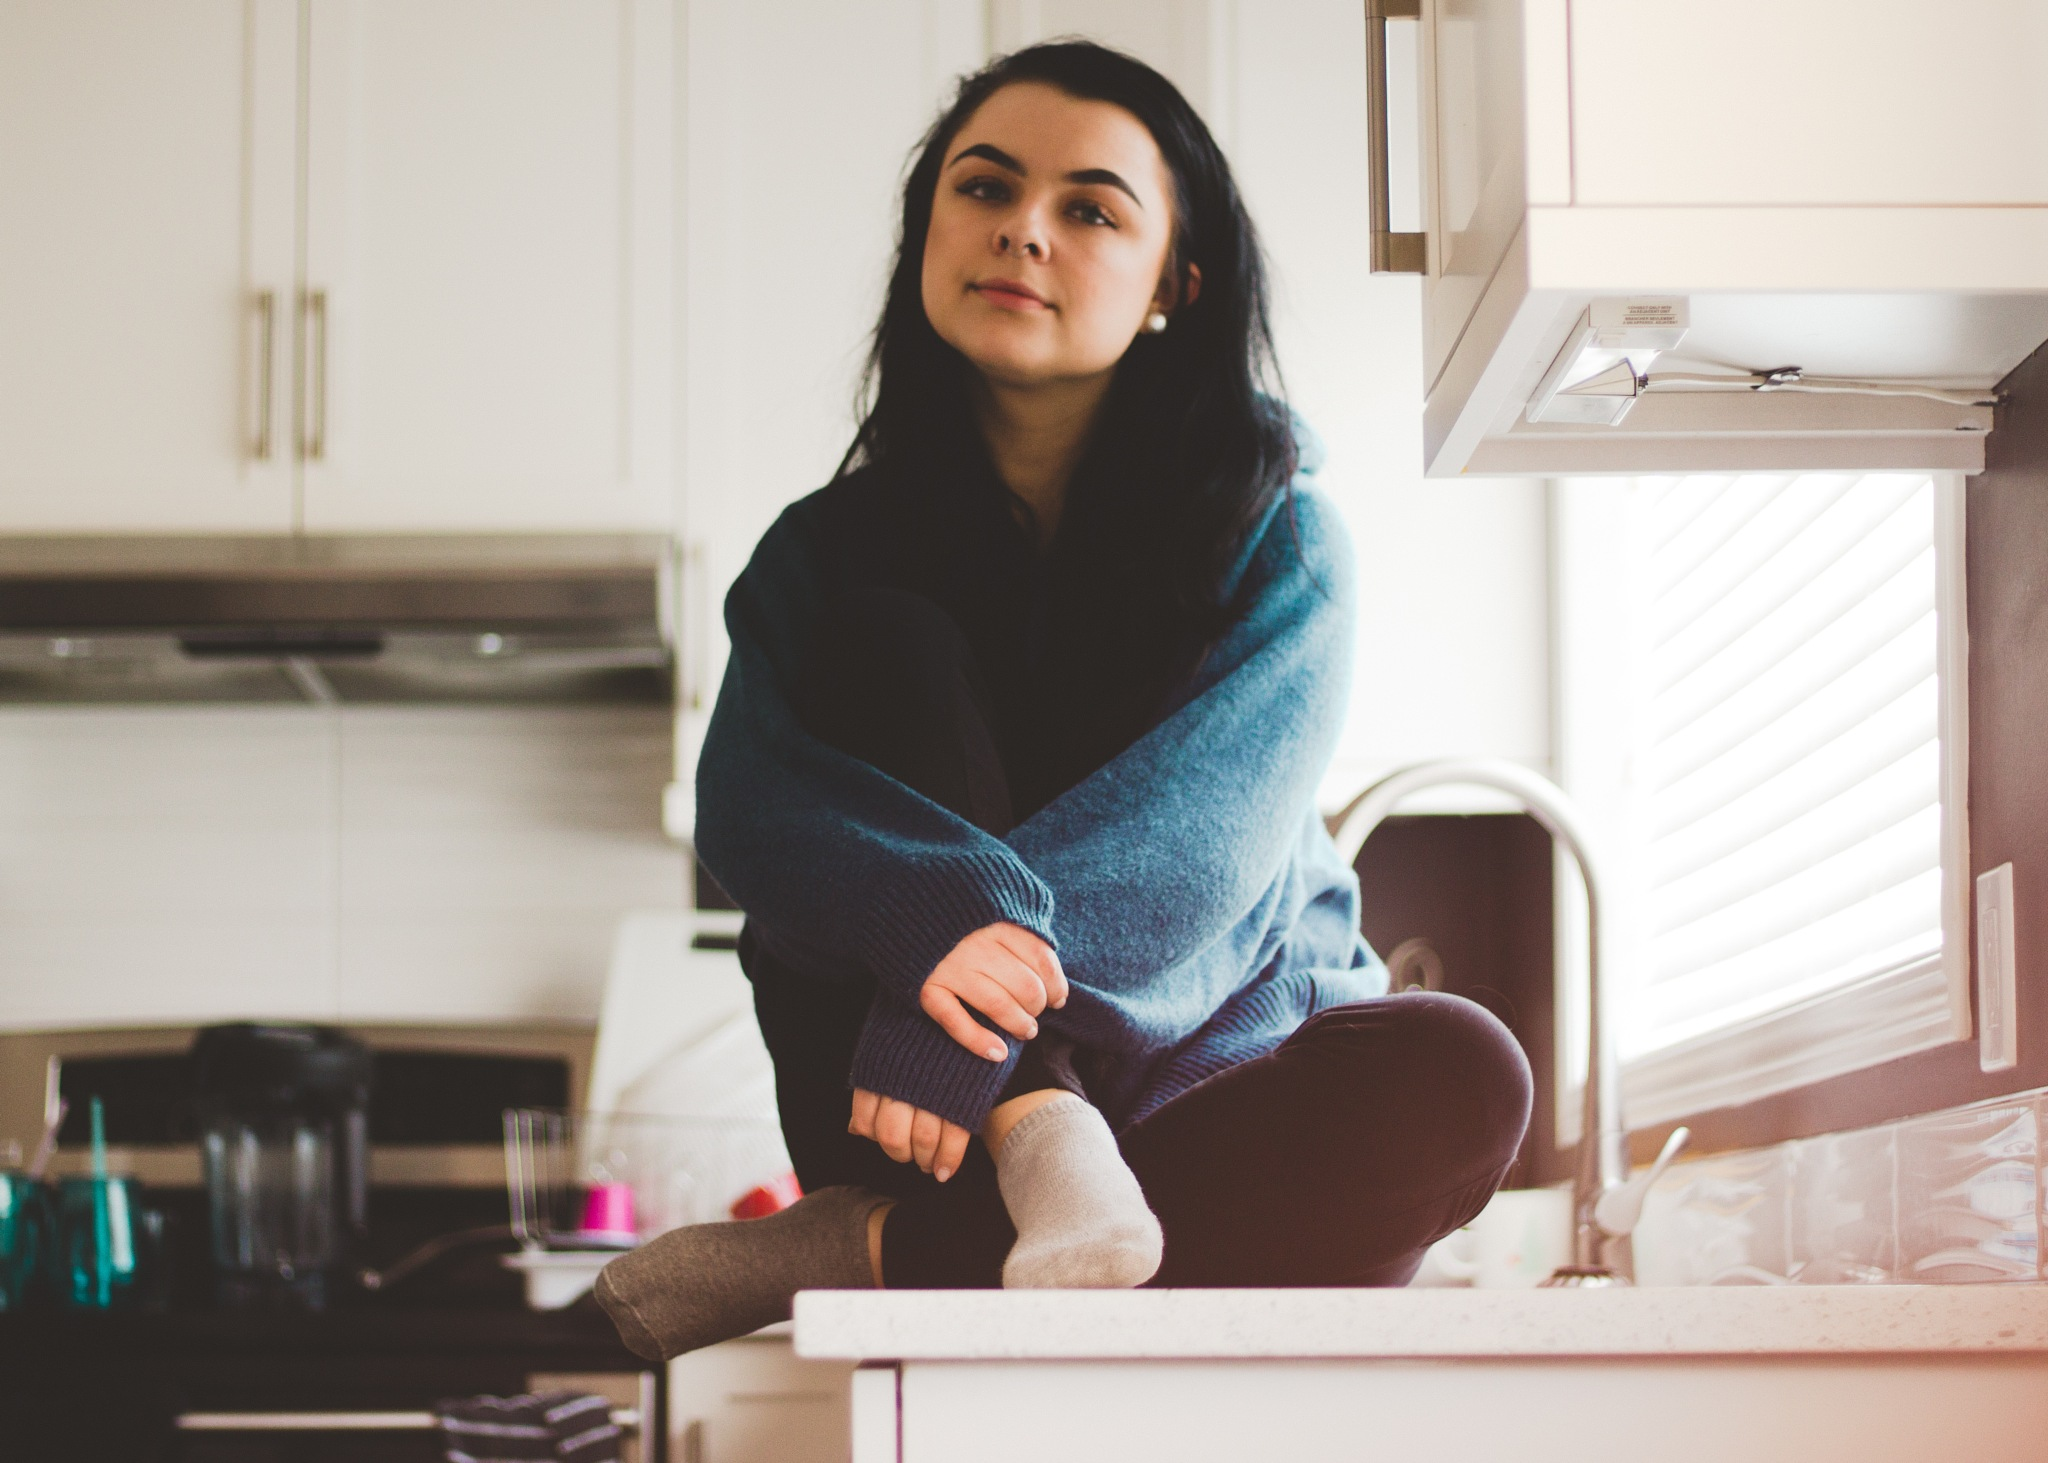 Kitchen by Lyndsey Erin Wallis